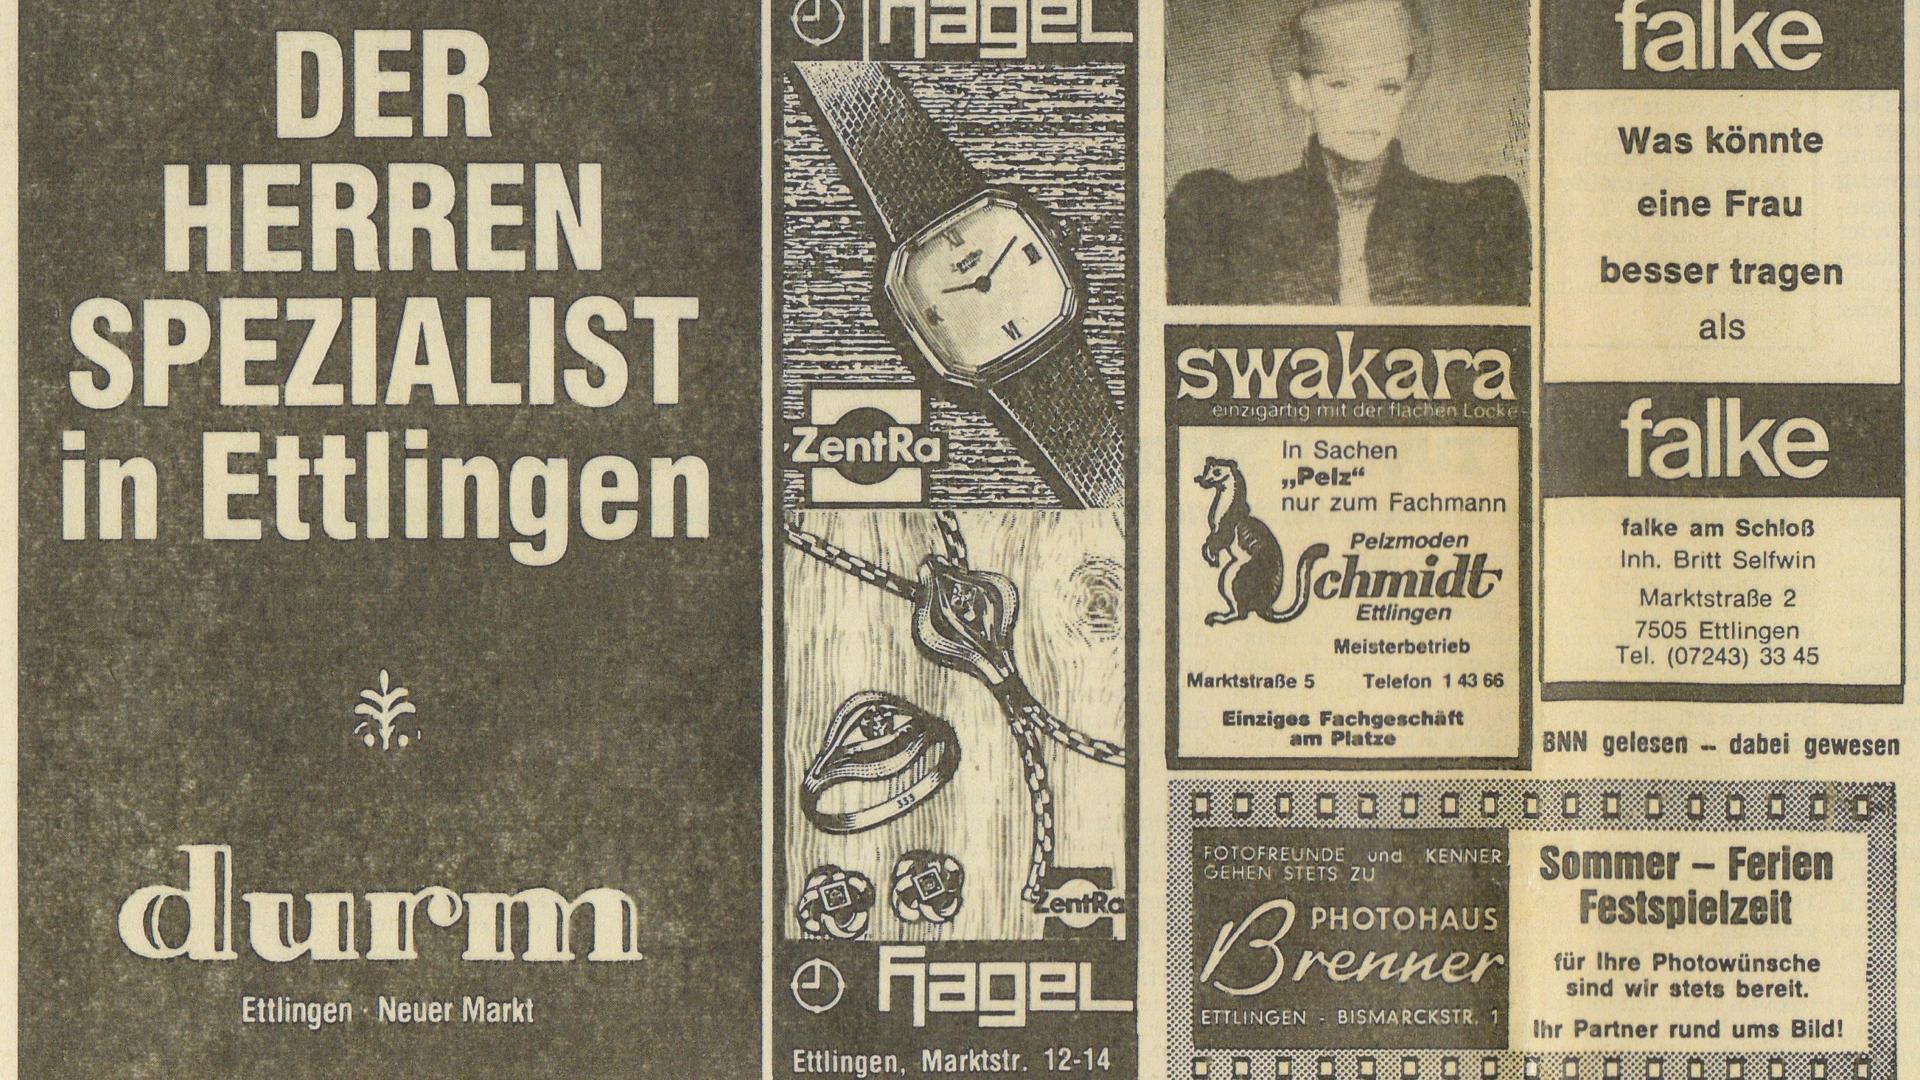 Elegant: Werbeanzeigen aus der Programmankündigung in den BNN von 1979 zeugen davon, dass sich die Ettlinger gerne zurecht machten für ihre Schlossfestspiele.